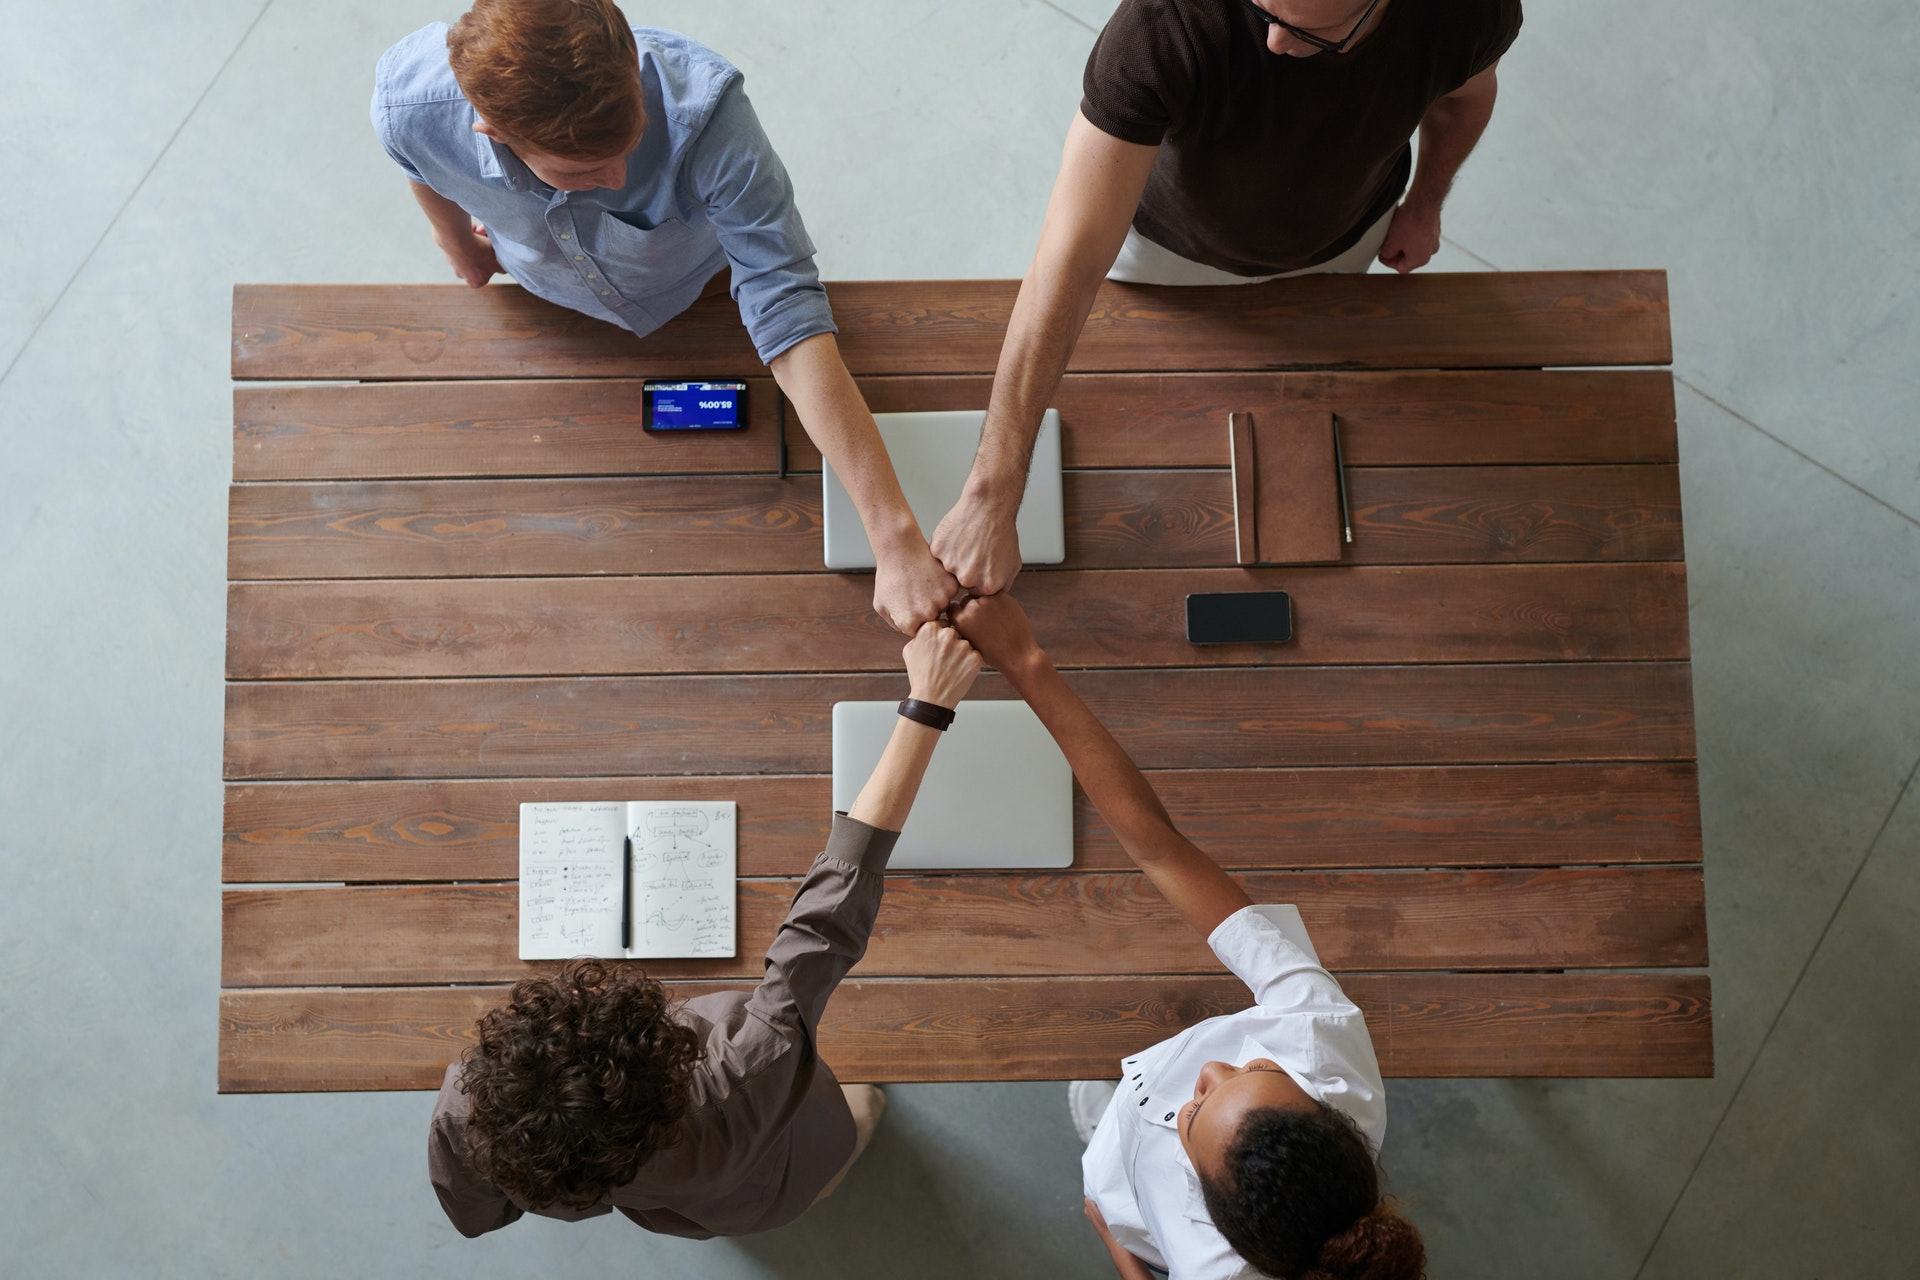 hiểu đội nhóm trong doanh nghiệp